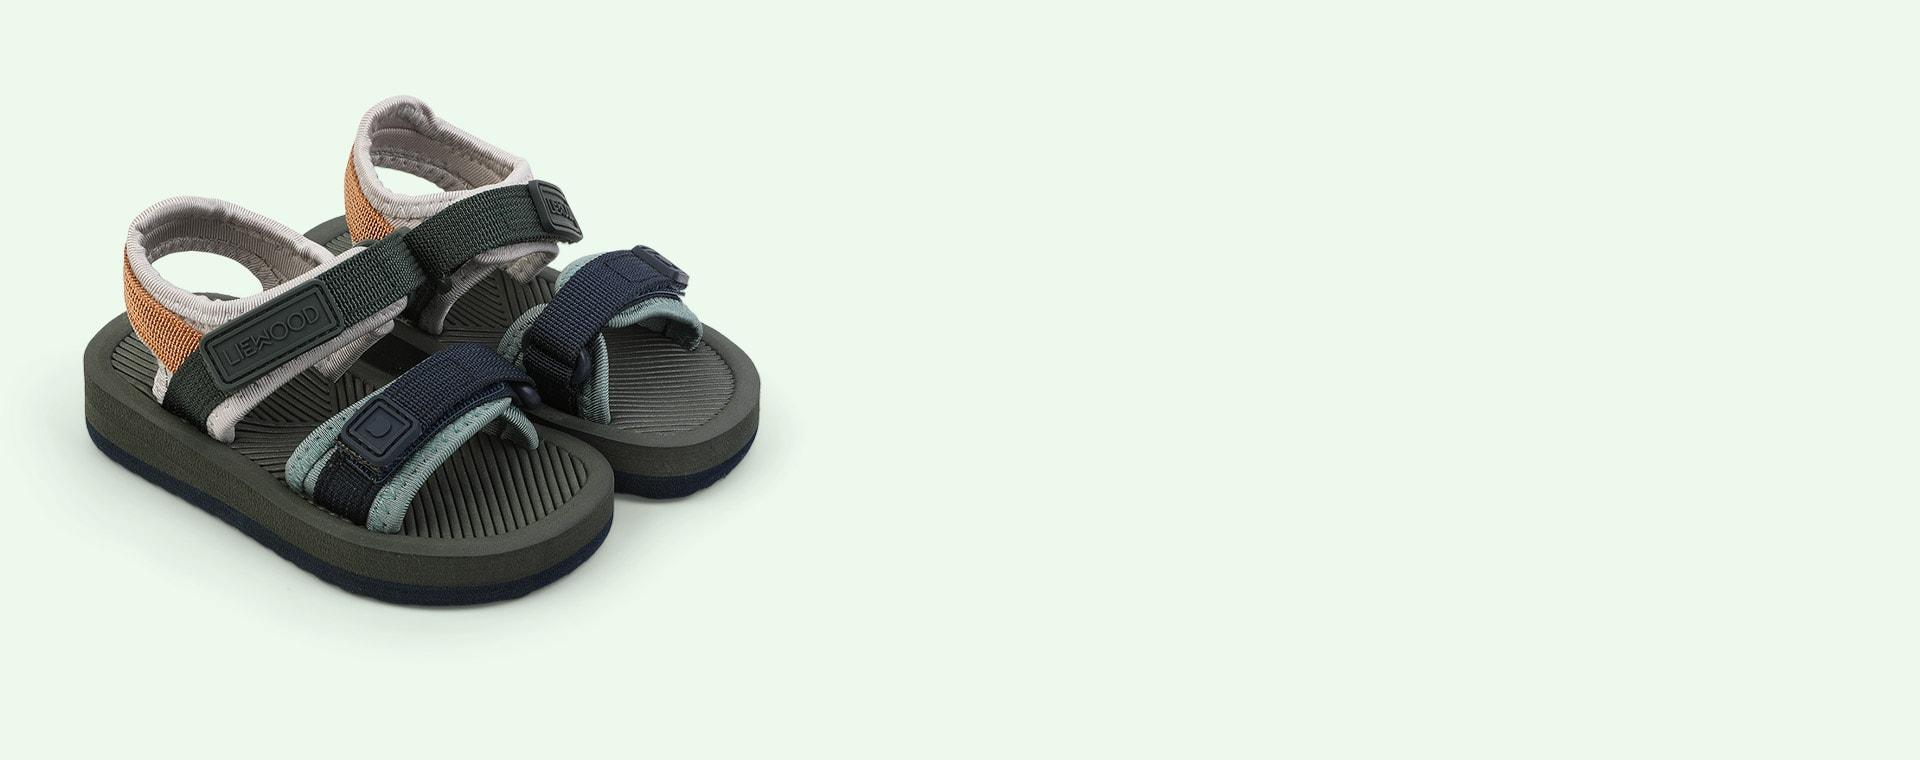 Hunter green mix Liewood Monty sandals